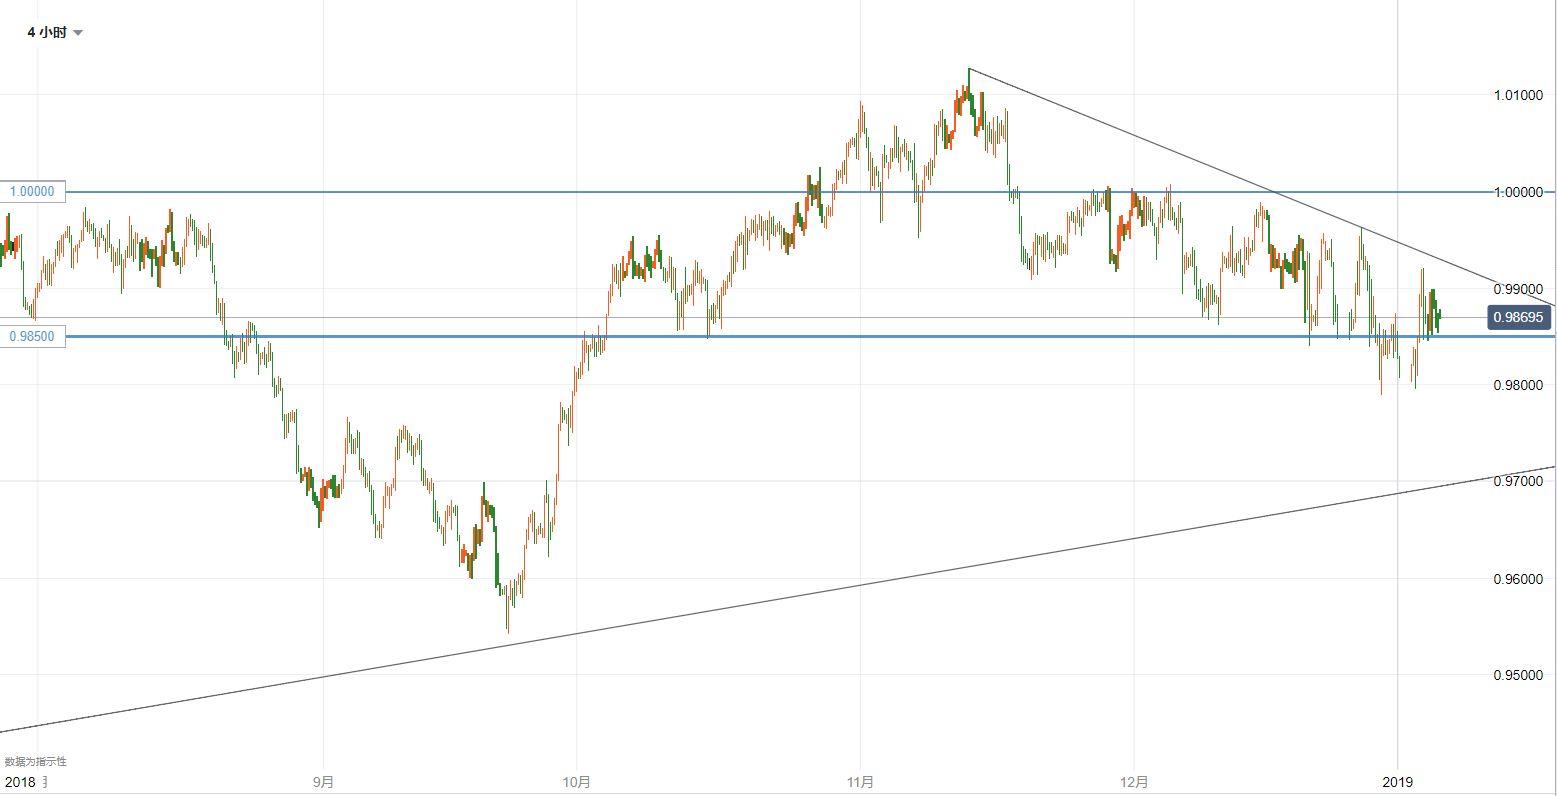 美元/瑞郎技術分析:繼續等待區間的突破